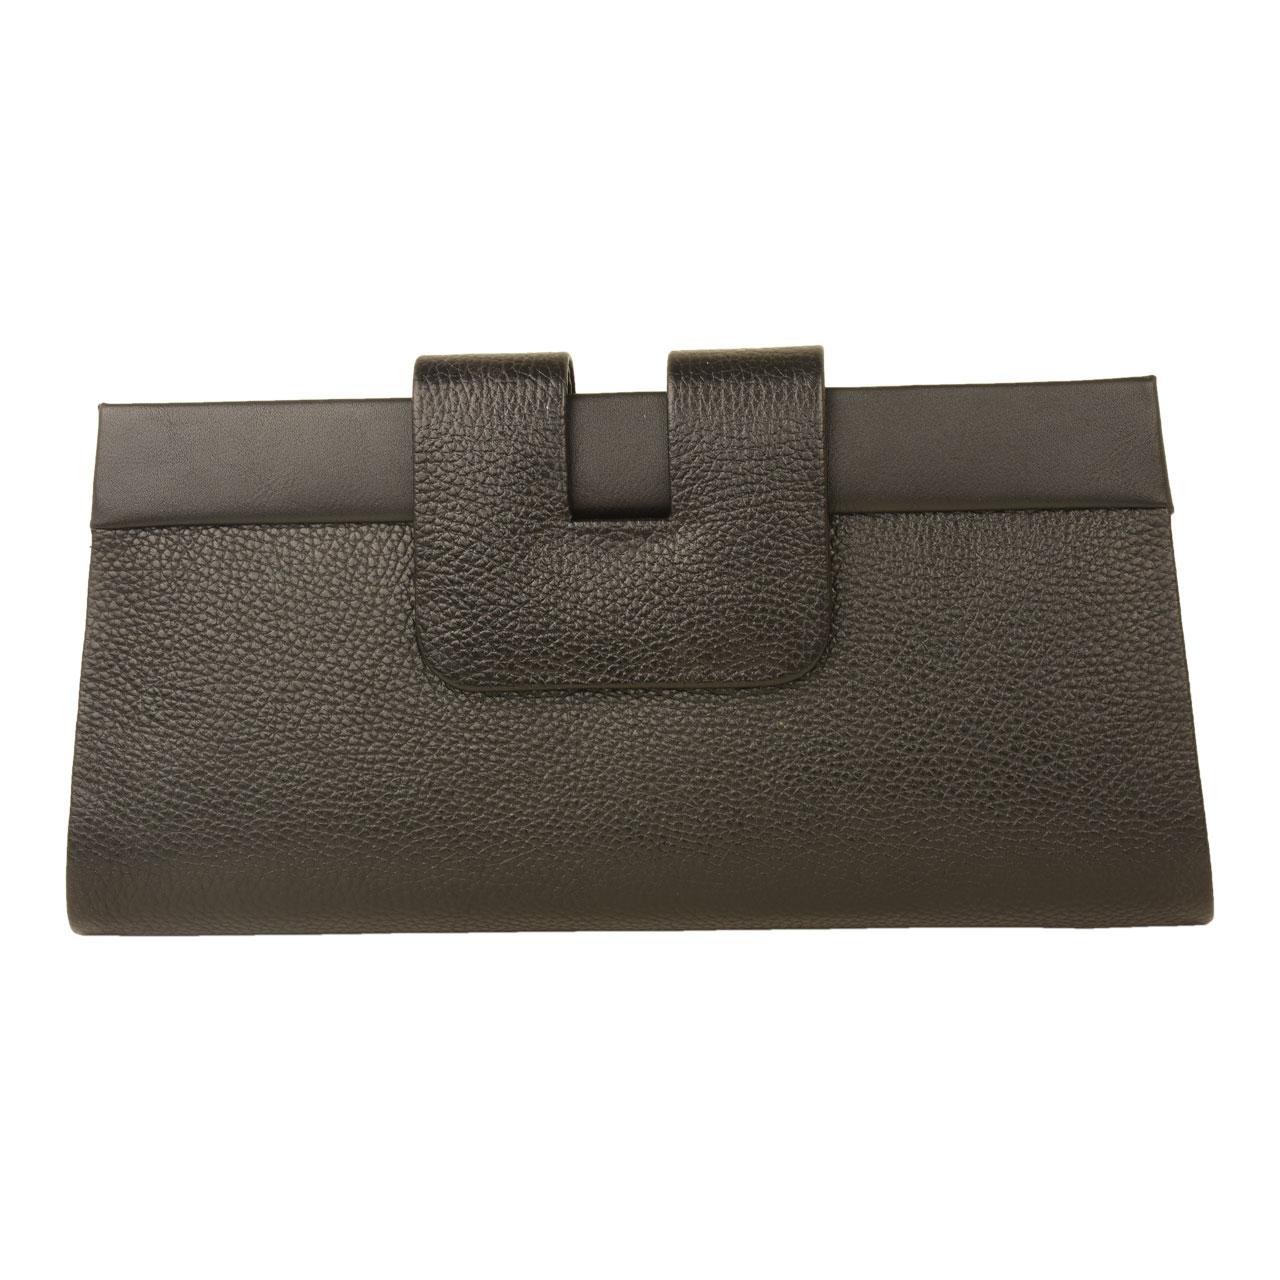 کیف دستی زنانه پارینه مدل PlV126-1542